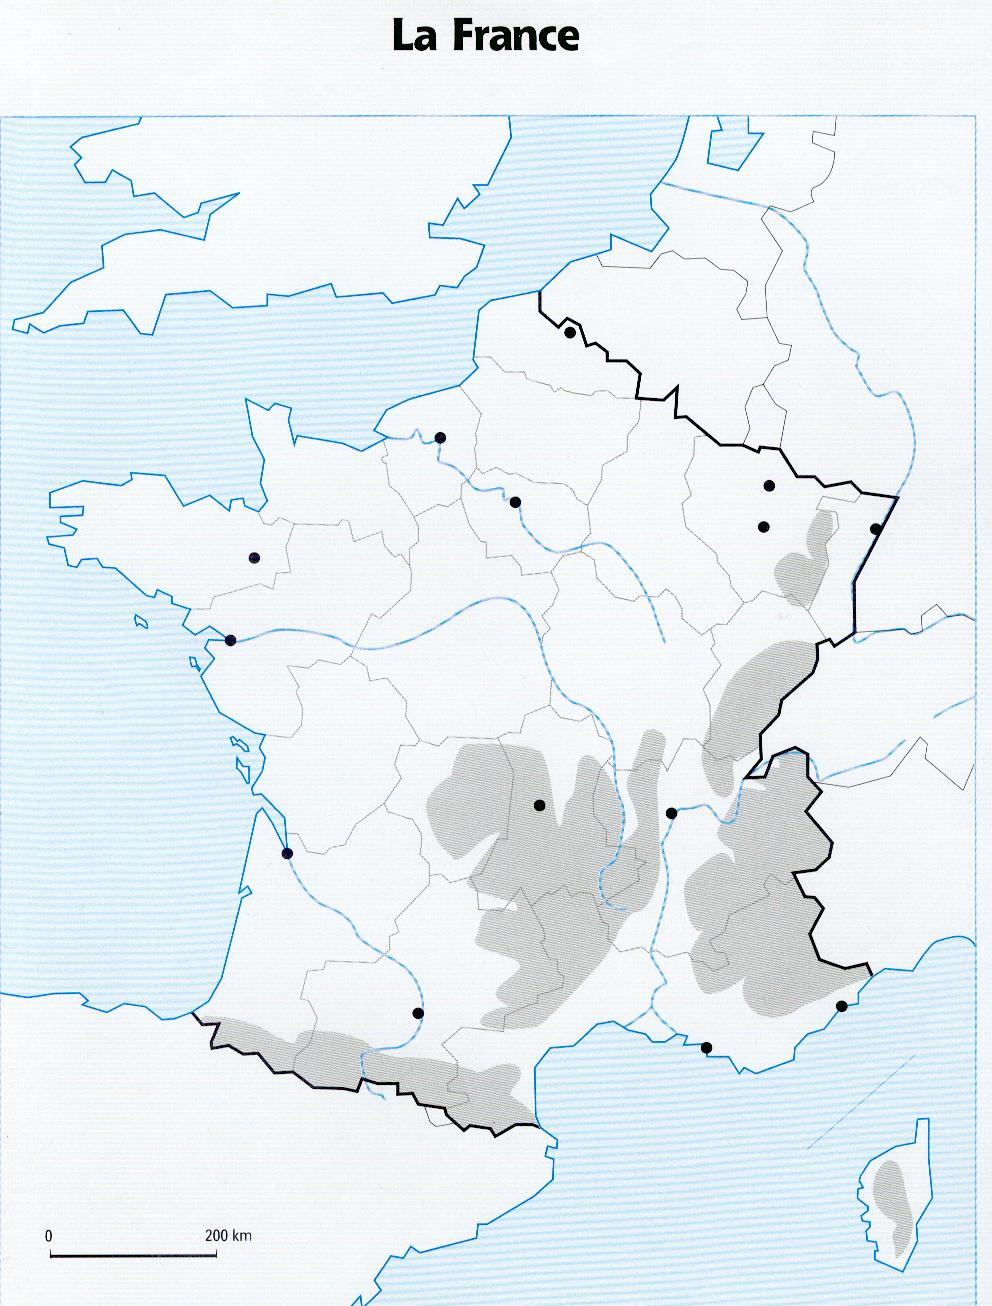 Fonds De Cartes - Les Pratiques De Classe De Mister Chat intérieur Fond De Carte France Fleuves